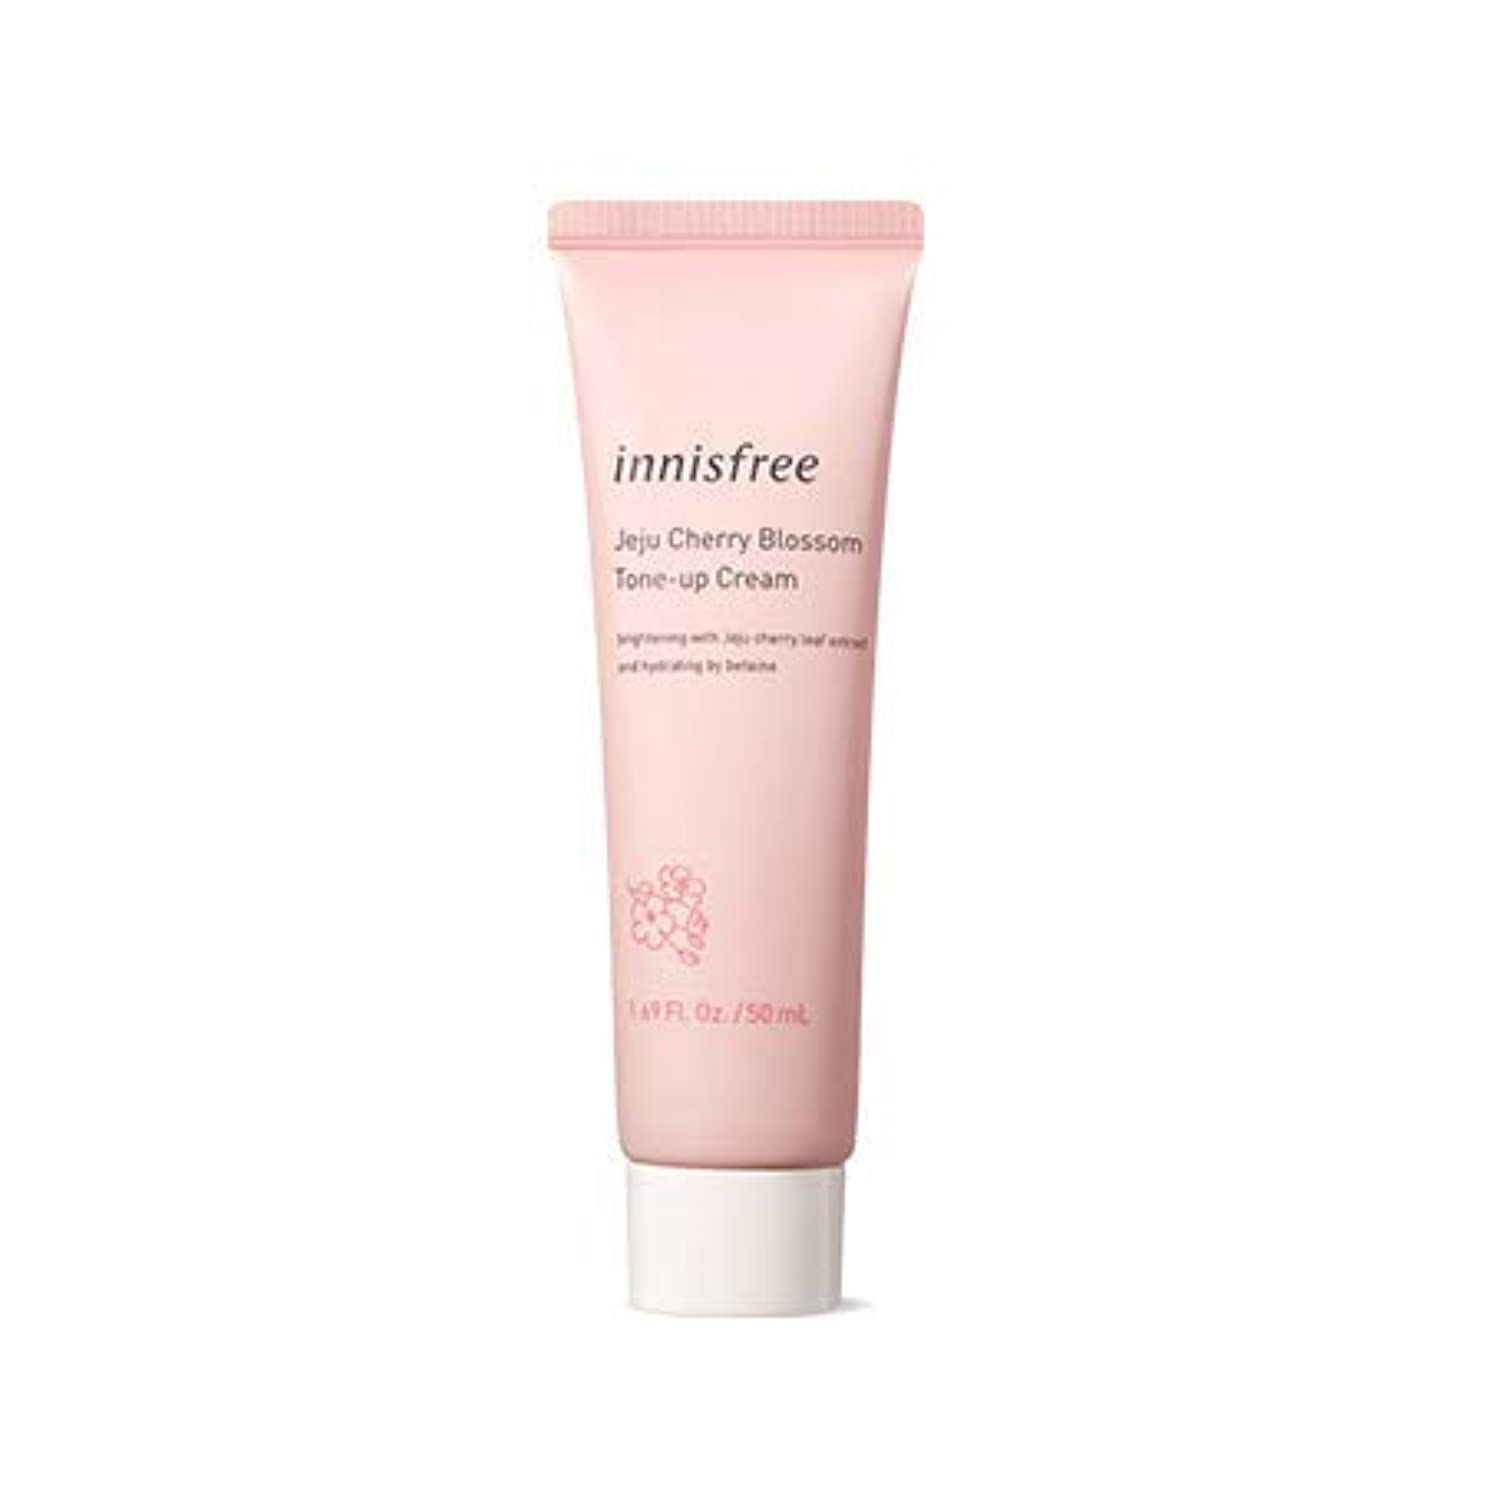 教義振り向くタイルイニスフリー 済州 チェリー ブラッサム トーンアップ クリーム 【チューブ】 50ml / Innisfree Jeju Cherry Blossom Tone Up Cream [Tube] 50ml [並行輸入品]